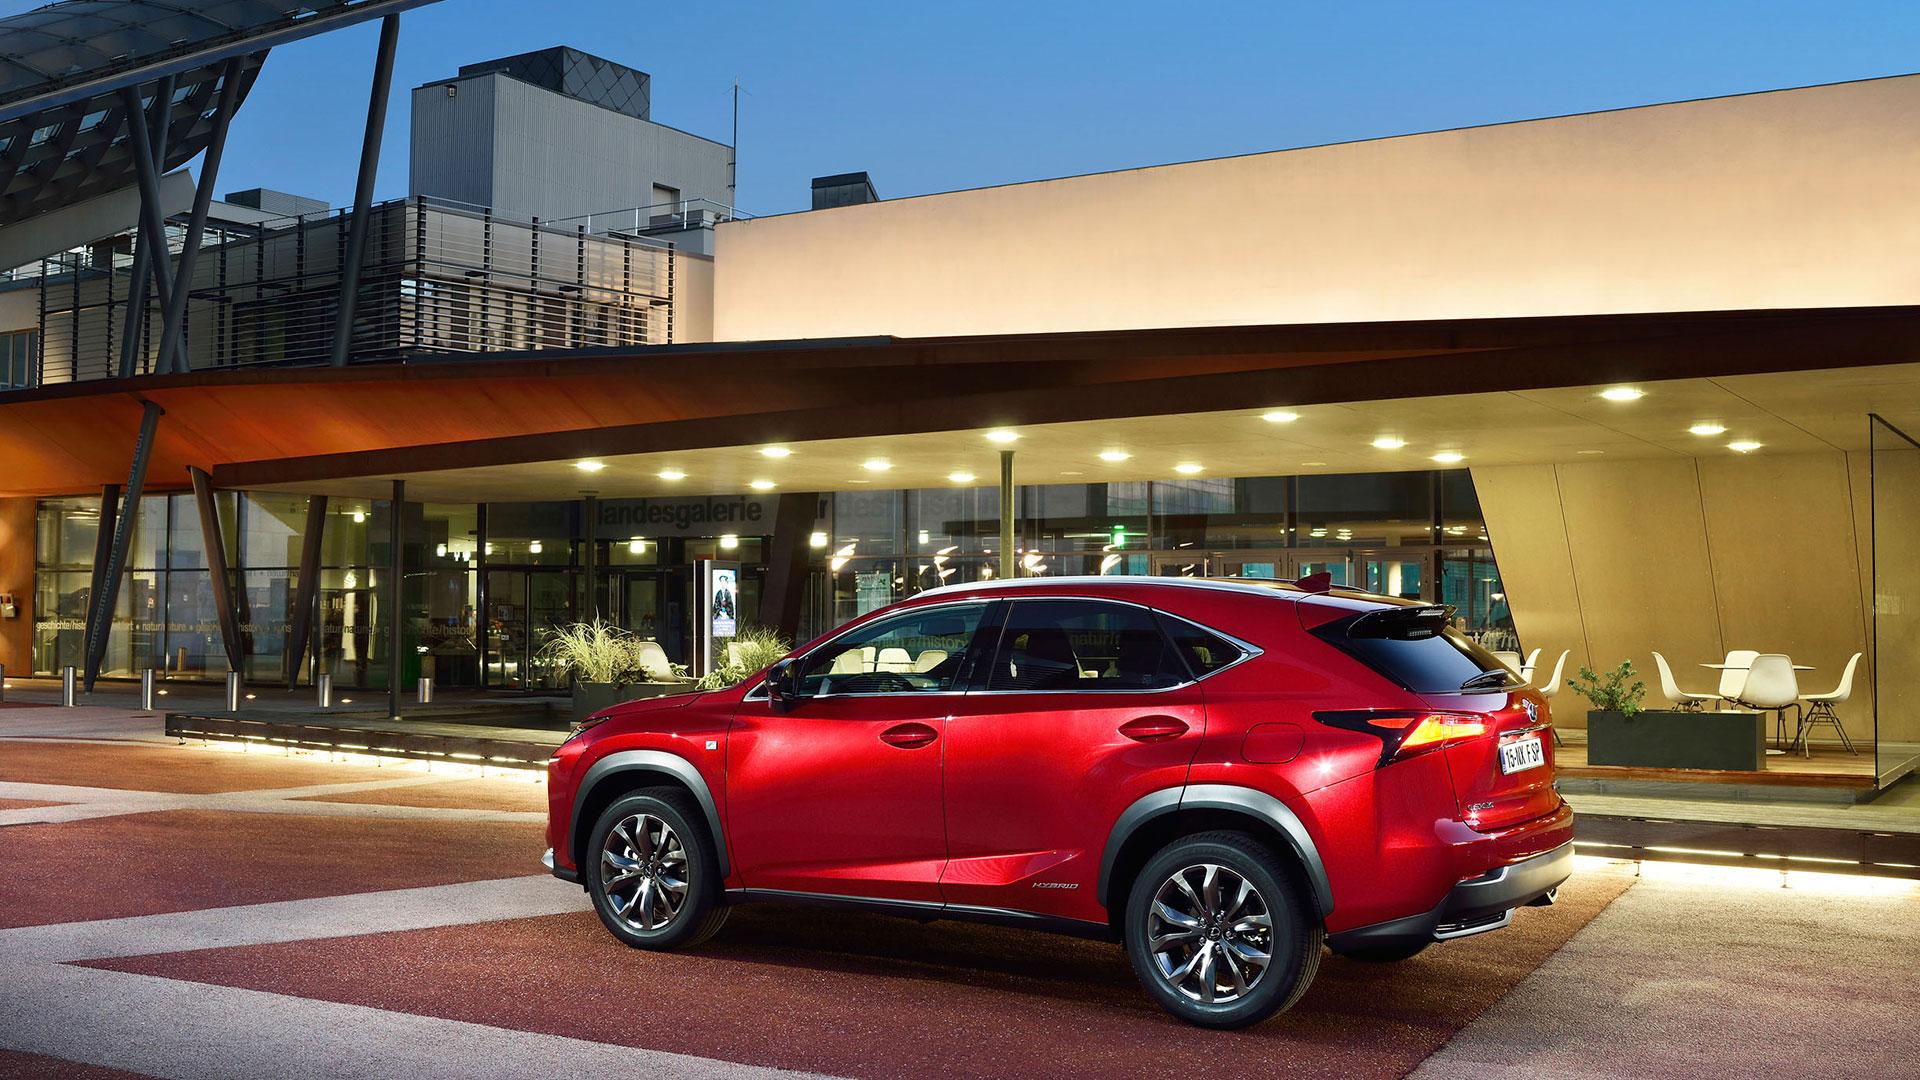 emisiones de sus vehículos CO2 NOx Lexus hero asset